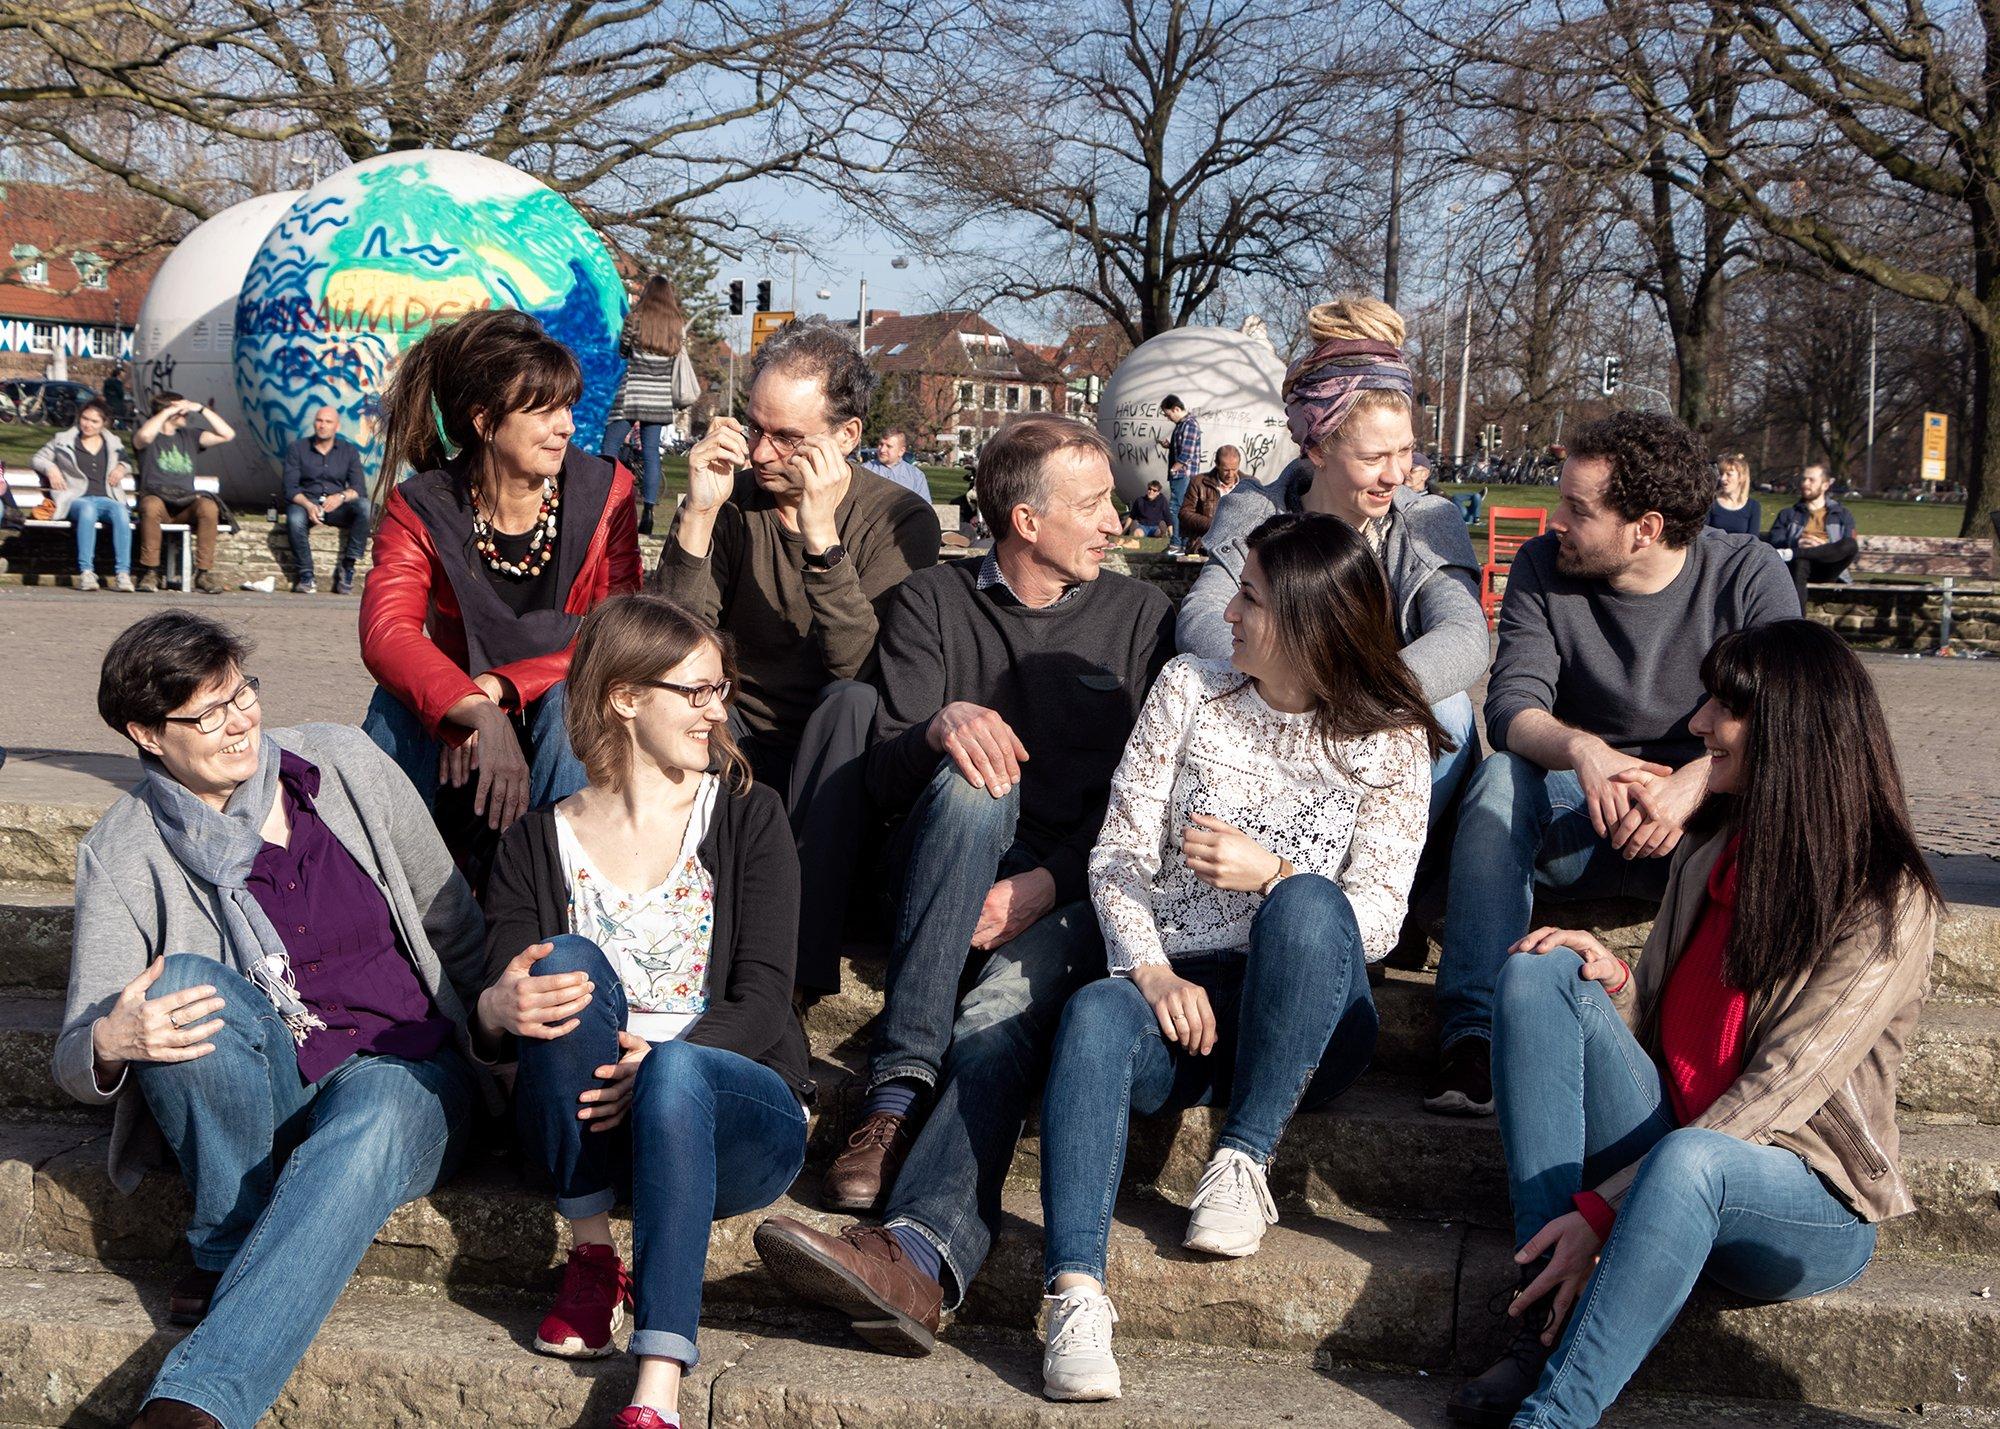 Das Team Münster nachhaltig: v. links n. rechts: Christiane Spickmann, Kerstin Ramsauer, Silvia Scholz, Tobias Daur, Martin Linnemann, Barfrin Krad, Julia Machmer, Benedikt Lennartz, Dr. Brigitte Riemann (Foto: Wilken)